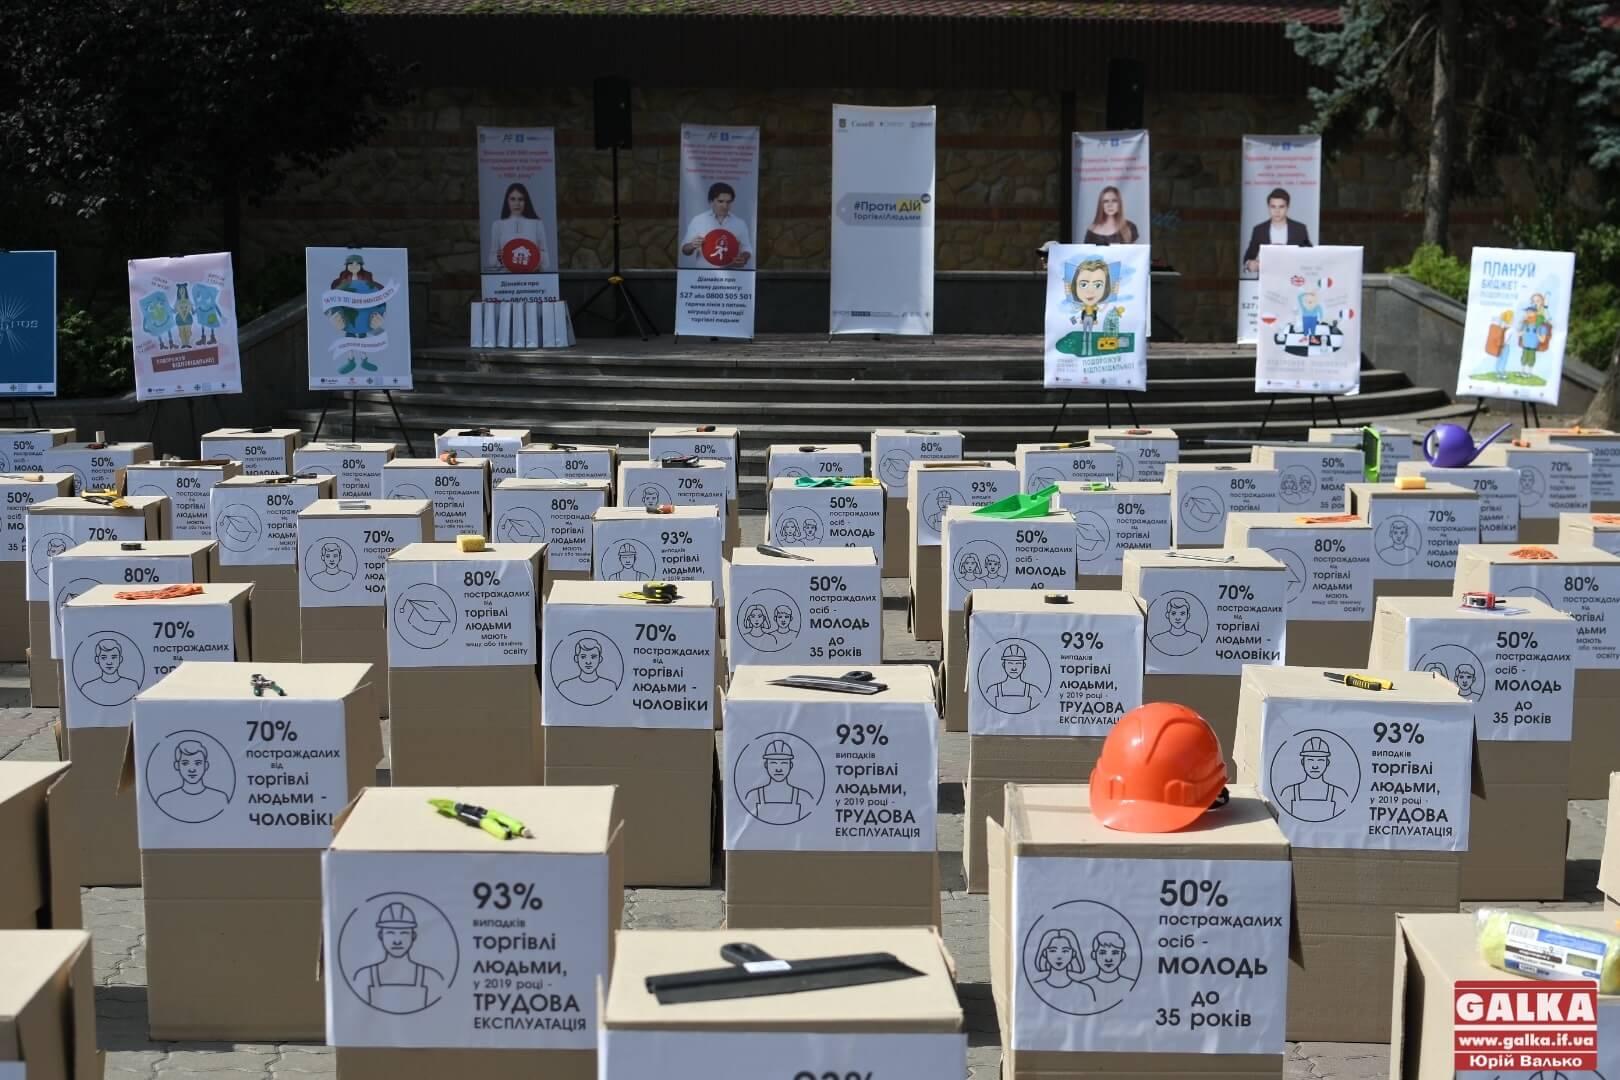 У центрі Івано-Франківська встановили інсталяцію, аби допомогти людям не потрапити в рабство (ФОТО)